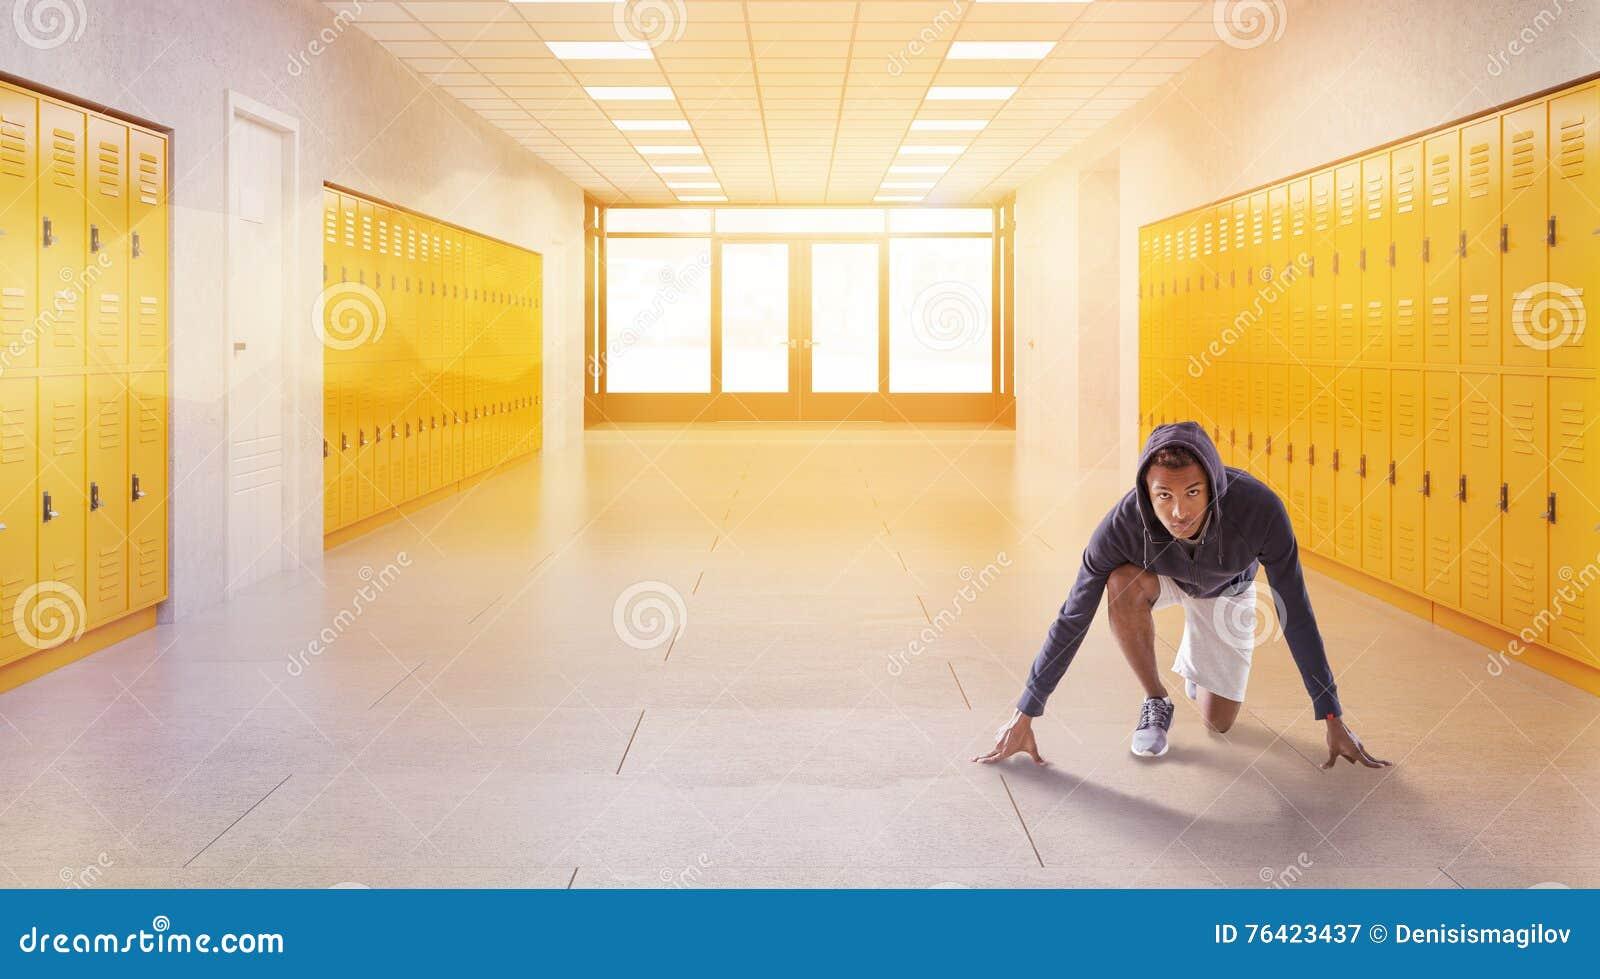 Jogger w szkolnym korytarzu